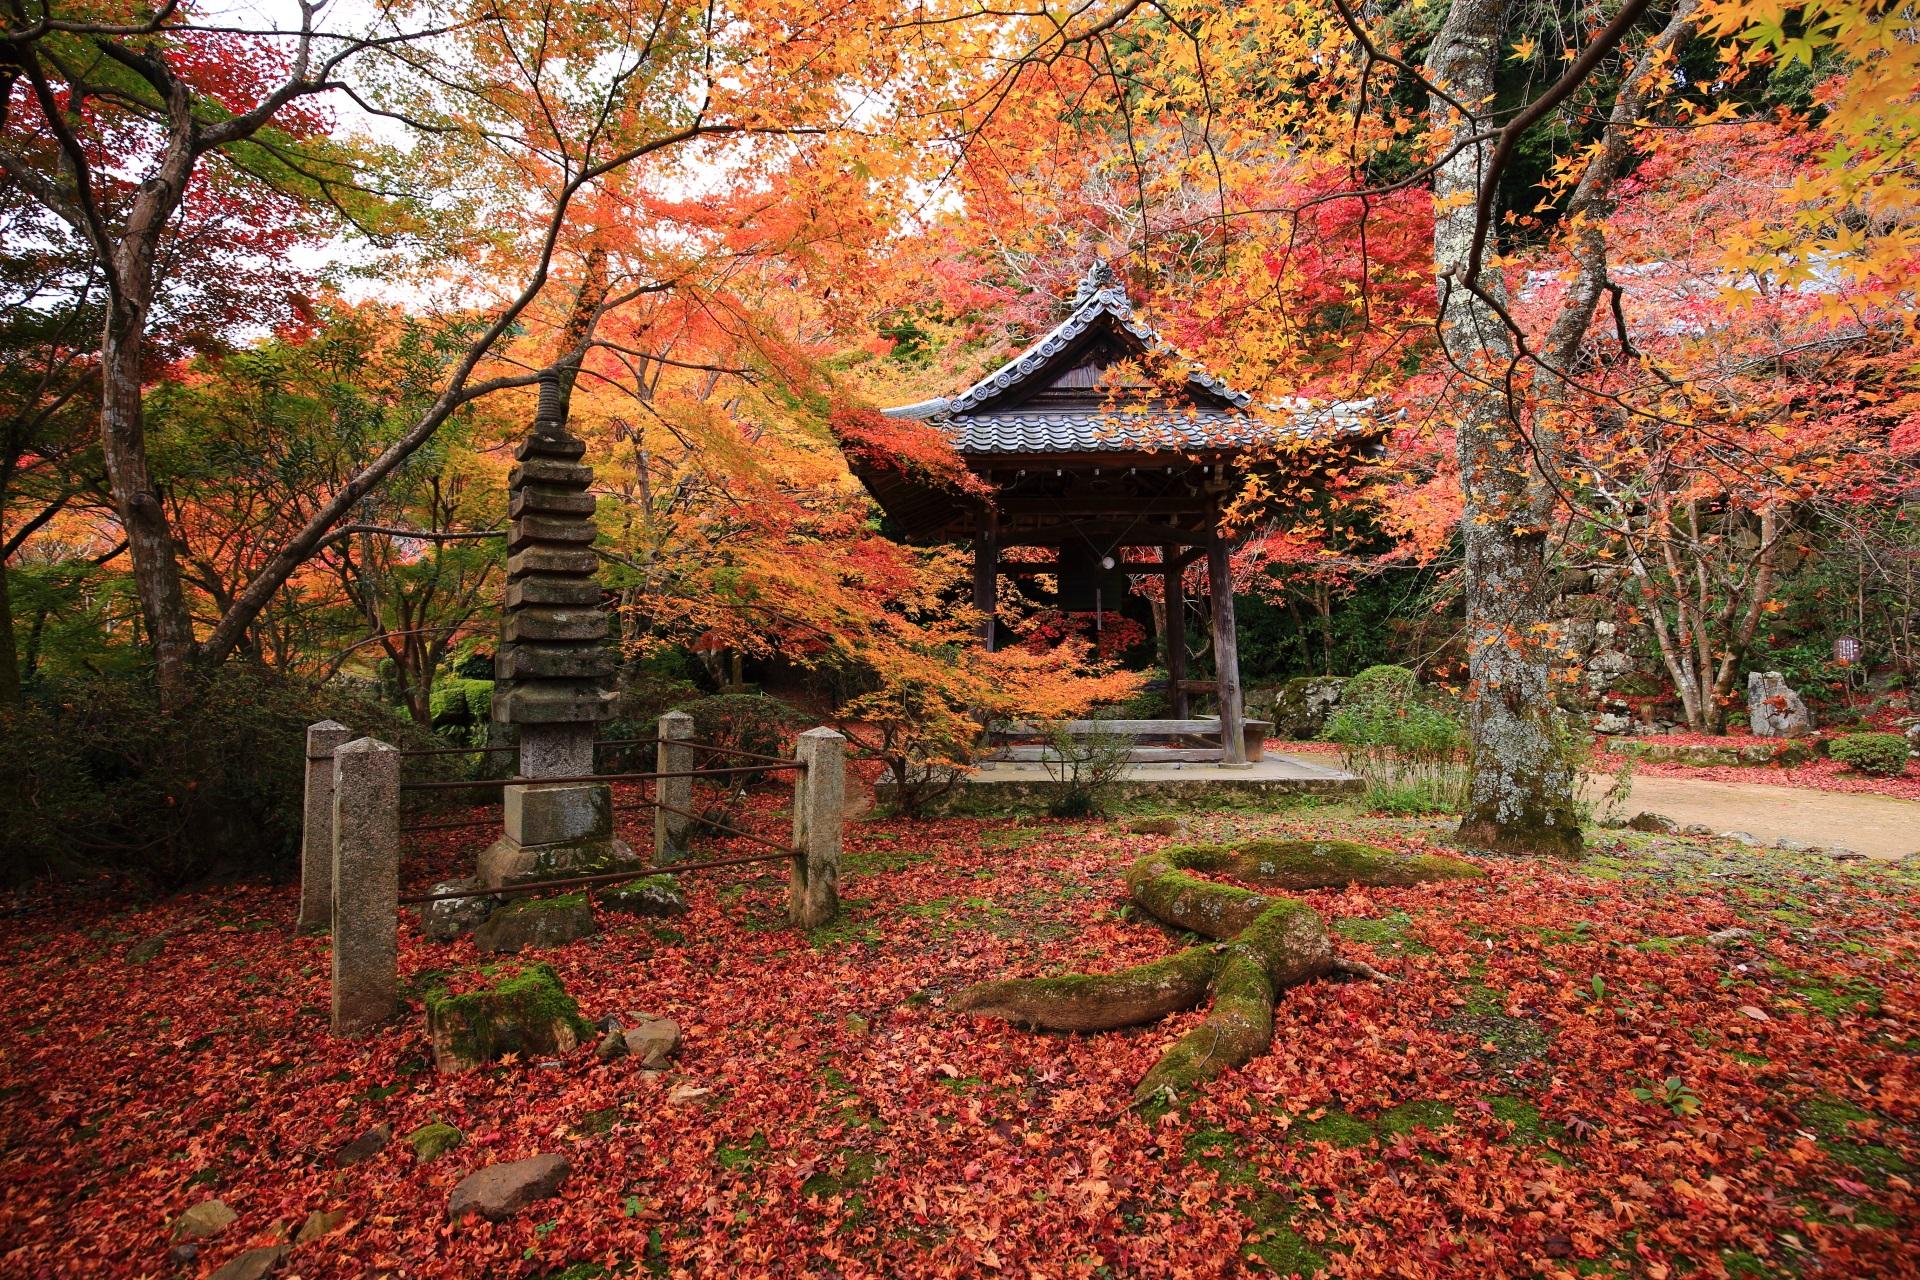 勝持寺の鐘楼の紅葉と散りもみじ